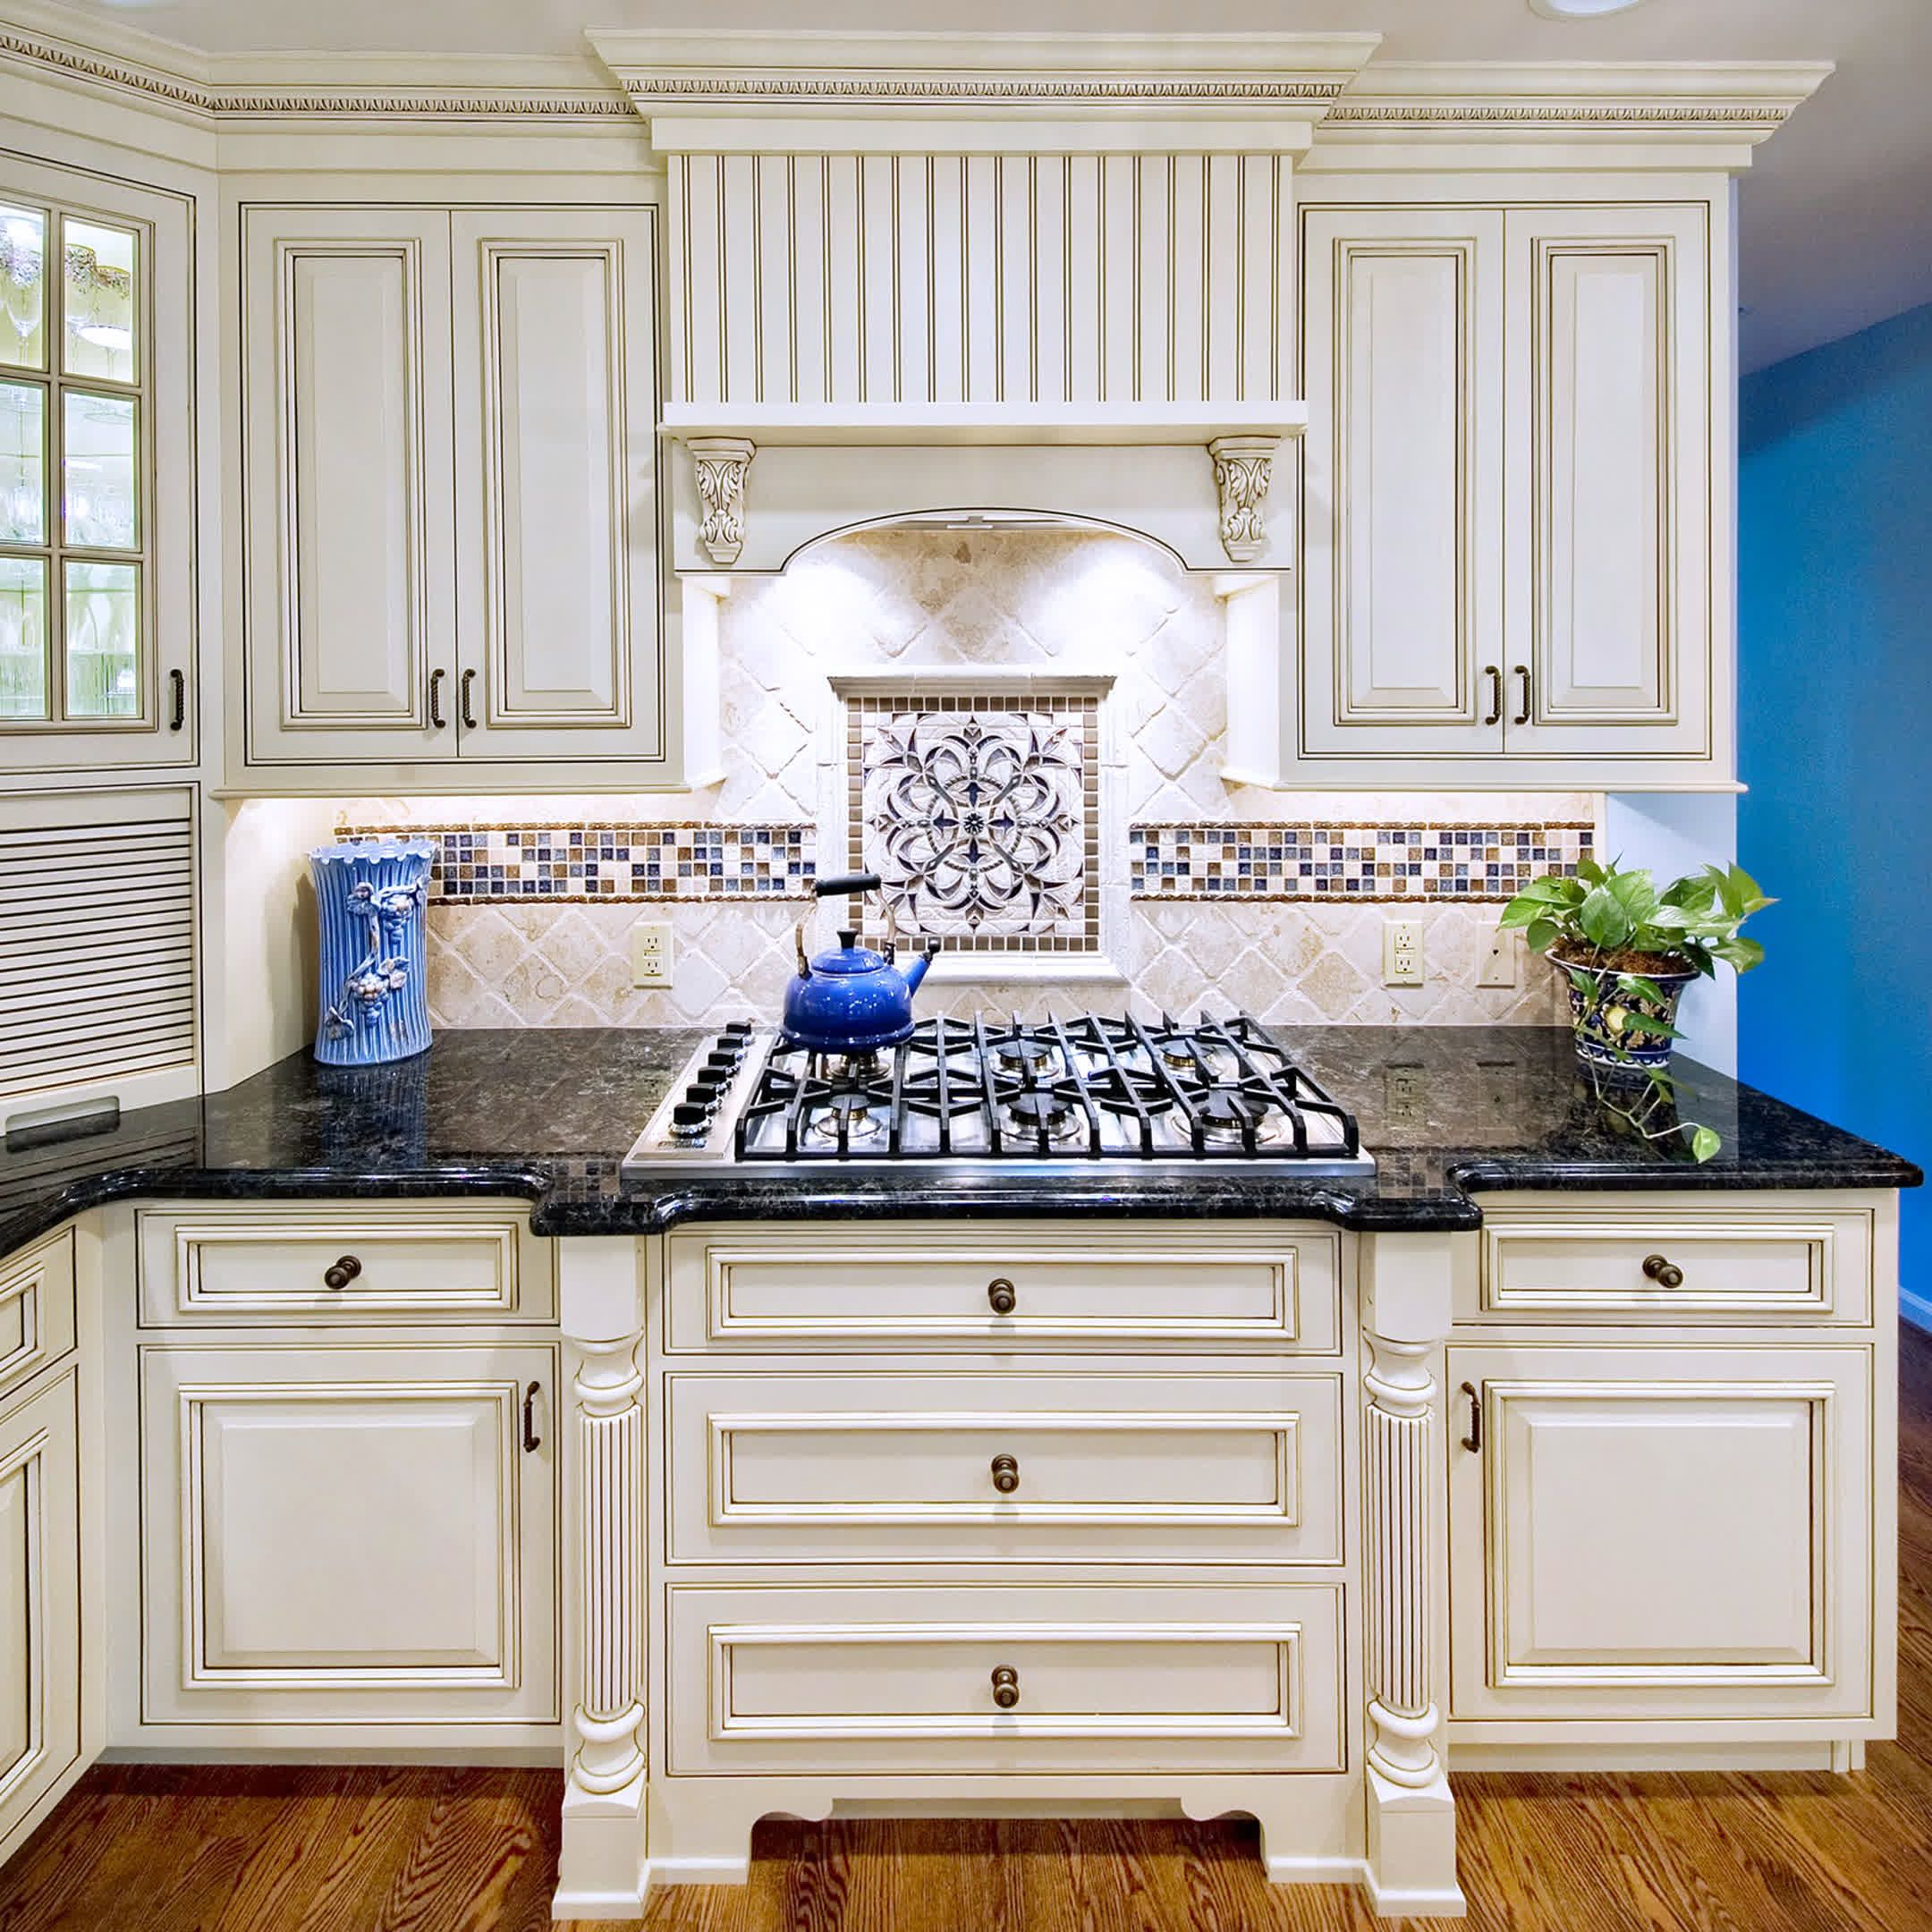 Kitchen Backsplash For Cream Cabinets tile kitchen countertops ideas, kitchen backsplash ideas with